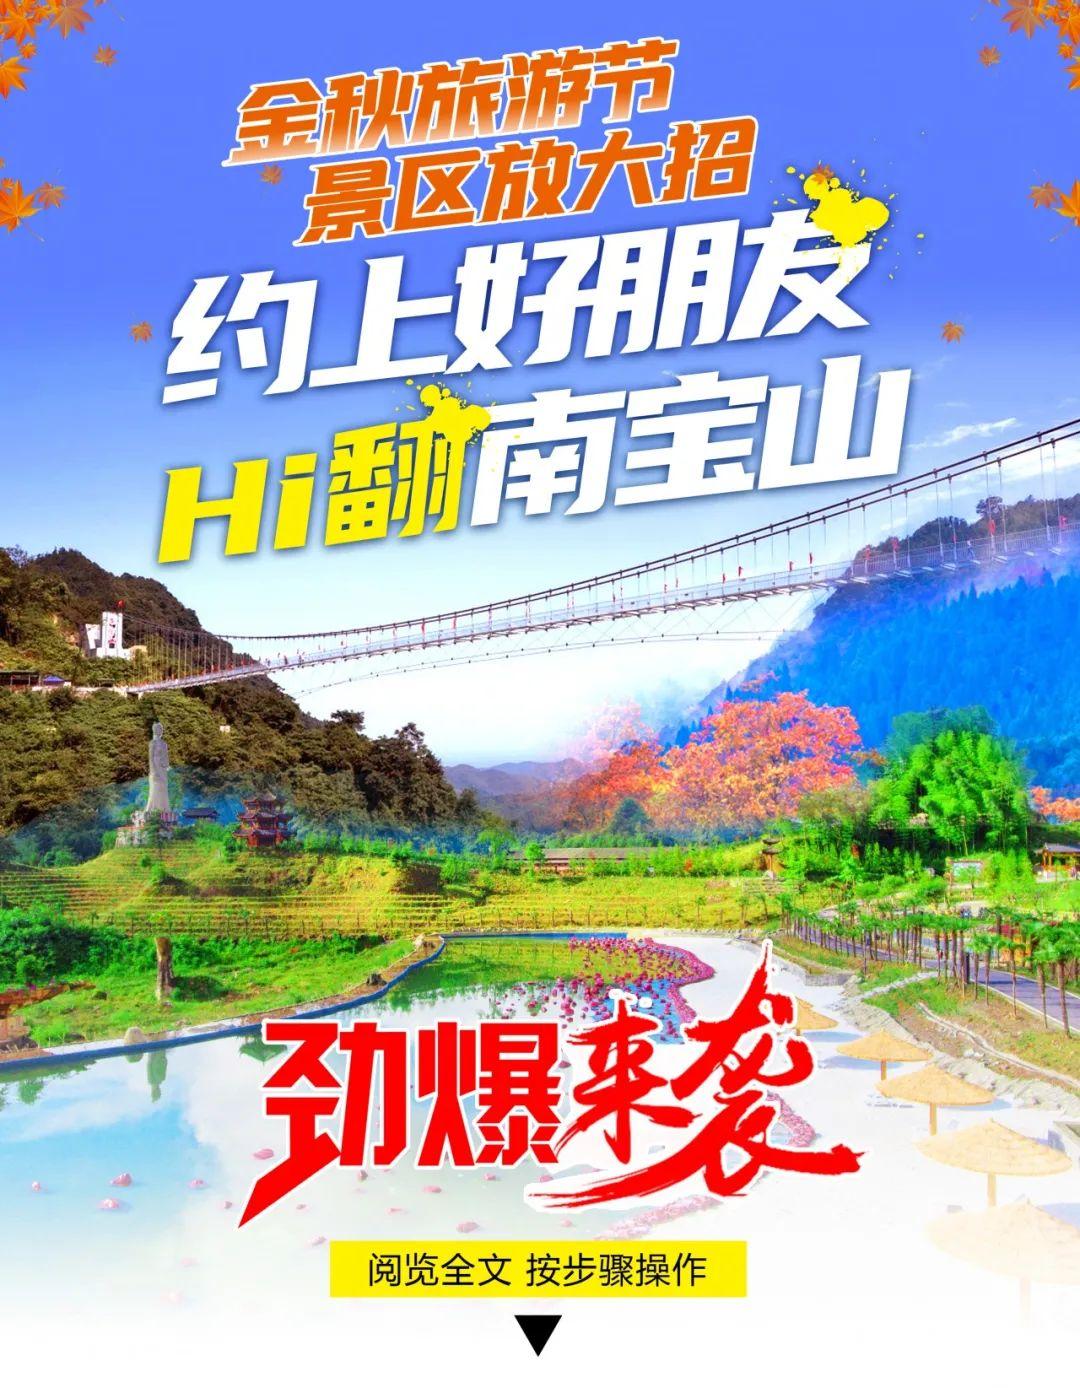 全部免费!仁寿人国庆新去处!含景区门票+7D玻璃天桥+冰溶洞+网红泡泡椅!